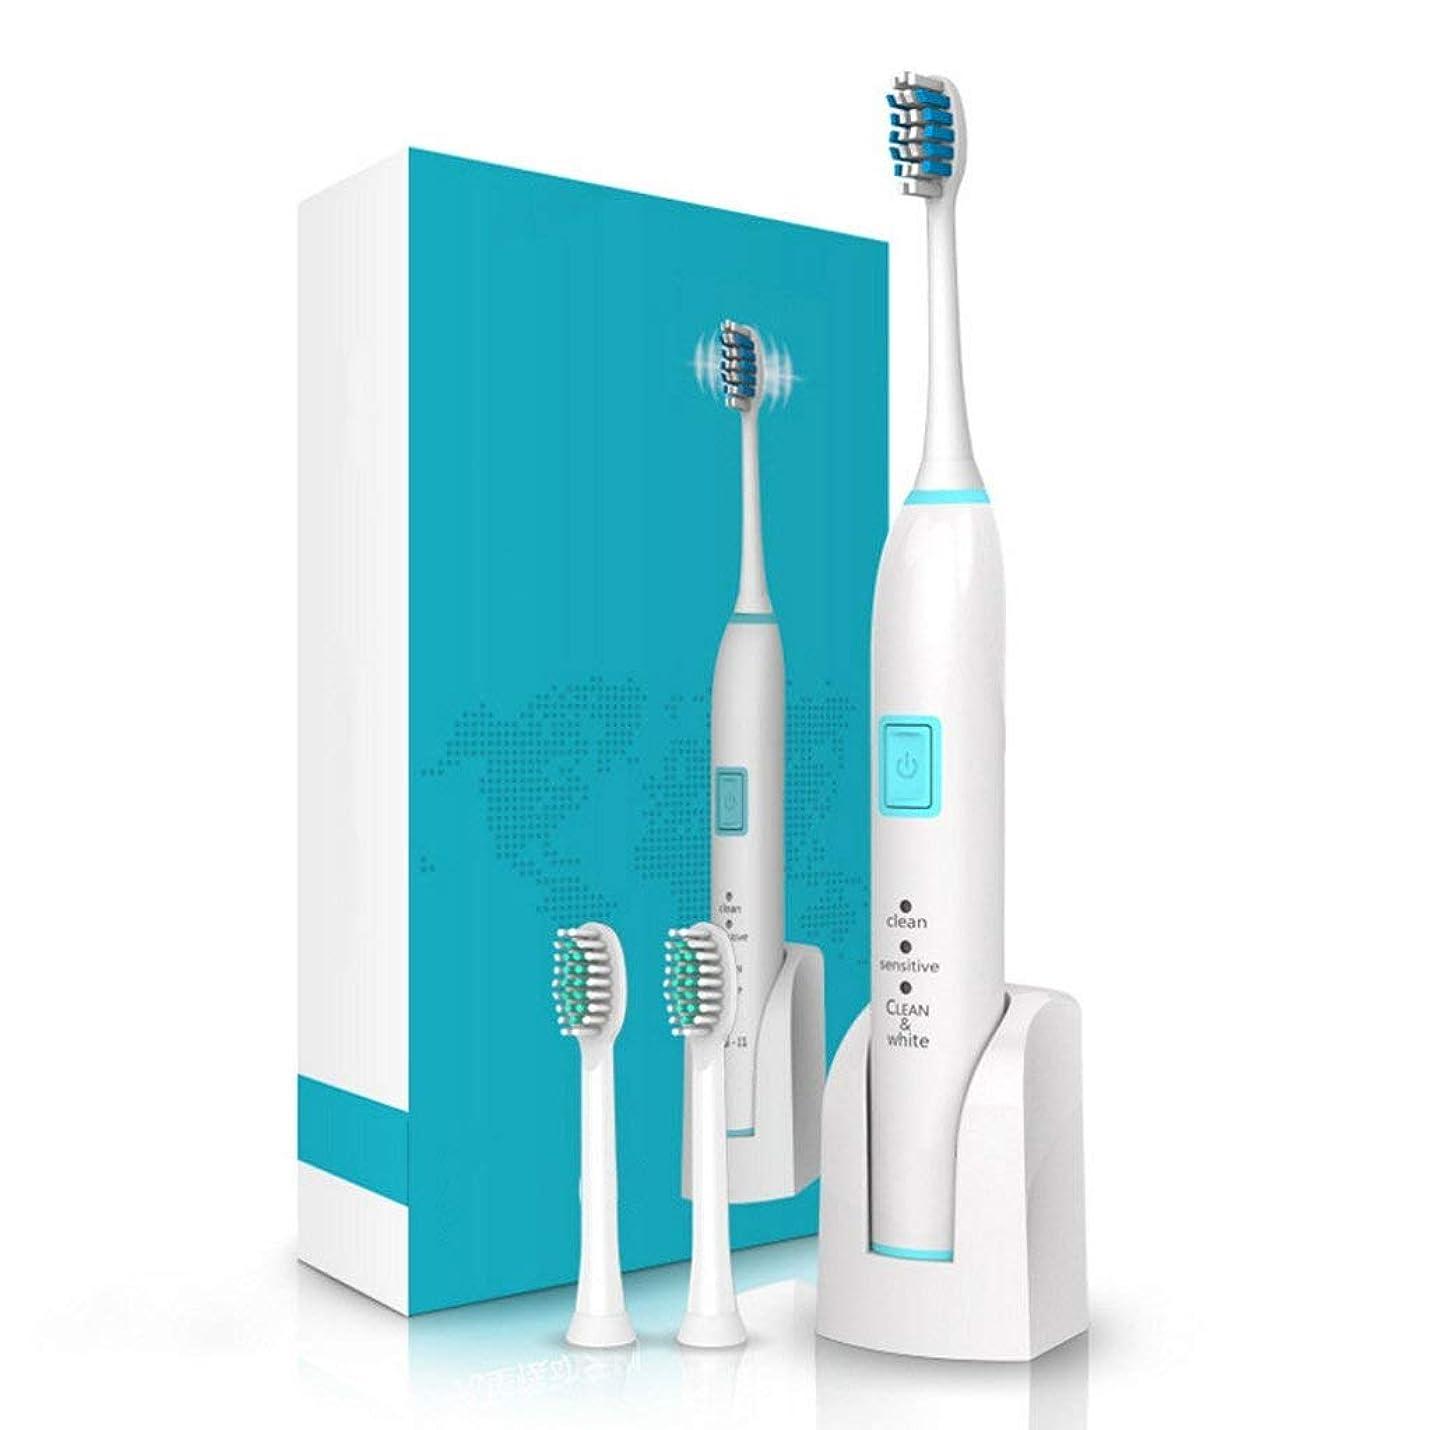 アラブこどもの宮殿干ばつ電動歯ブラシ2分のスマートタイマー2の取り替えの頭部が付いている歯科医の音波の歯ブラシのようにきれいな歯は十分に洗濯できる